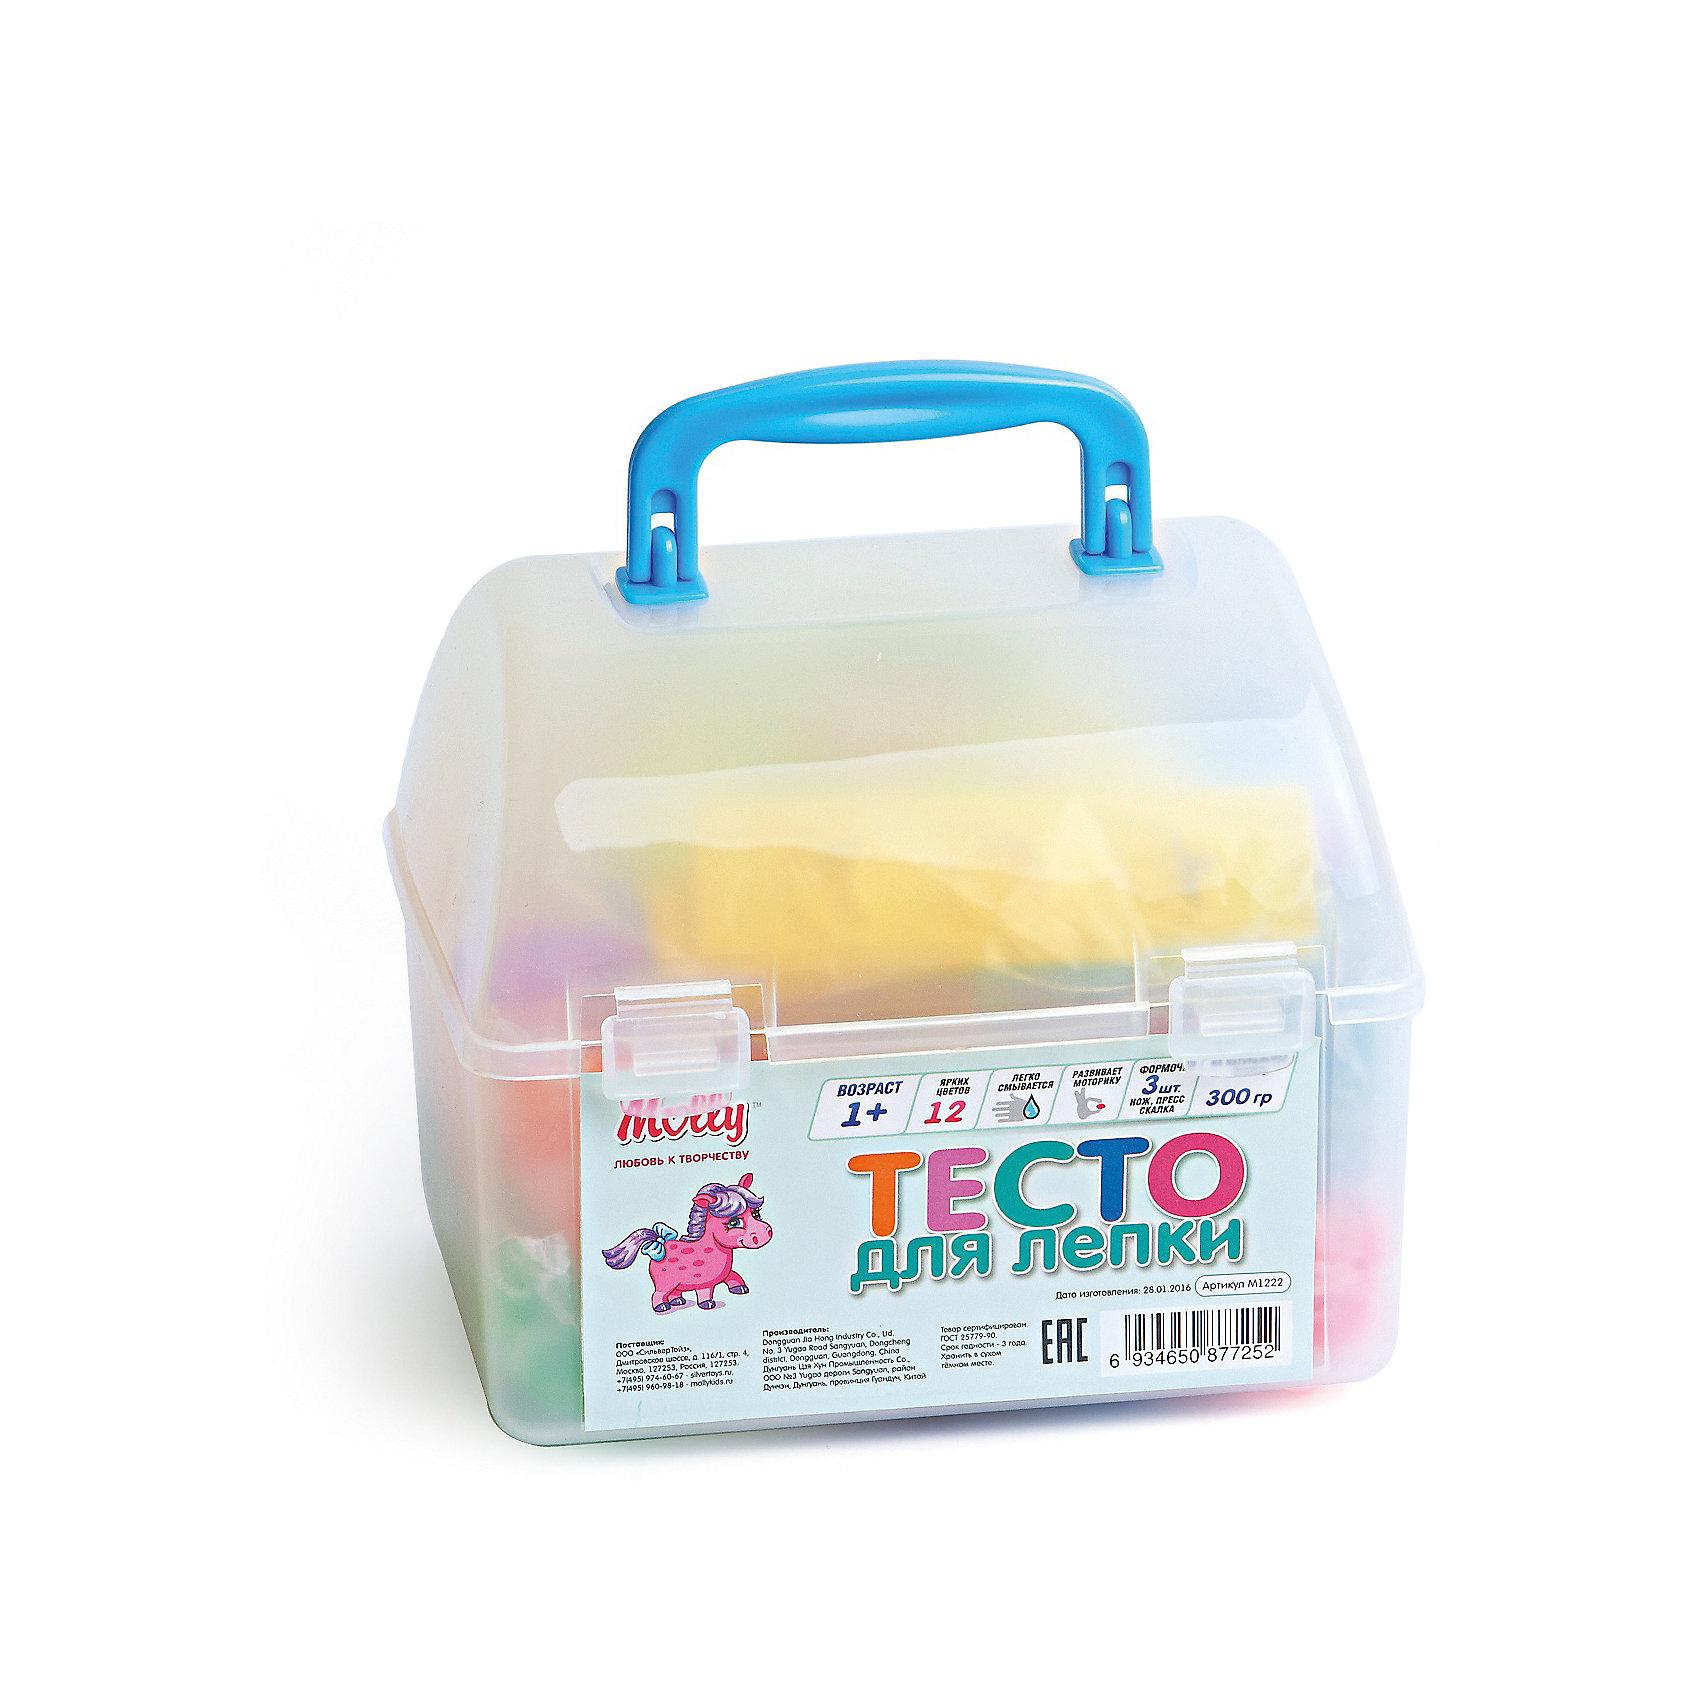 Тесто для лепки 12 цветов + 3 формочки, стек, прессЛепка<br>Тесто для лепки, 12 цветов + 3 формочки, стек, пресс.<br><br>Характеристика: <br><br>• Материал: пшеничная мука крахмал, вода, соль, пищевая добавка, пищевая краситель; пластик. <br>• Размер упаковки: 15,5х13,5х11,5 см.  <br>• Комплектация: тесто для лепки 12 цветов + 3 формочки, стек, пресс.<br>• Яркие, насыщенные цвета. <br>• 12 цветов (по 25 гр.)<br>• Легко смывается с одежды и рук. <br>• Безопасно при проглатывании. <br>• Отлично развивает моторику рук, внимание, мышление и воображение. <br>• Удобная упаковка в виде пластикового сундучка с ручкой для переноски и застежкой.<br><br>Мягкое тесто для лепки - отличный подарок для малыша. Тесто изготовлено из натуральных материалов, с использованием абсолютно безопасных для детей красителей, легко смывается с одежды и рук. Лепка - прекрасный вид детского досуга, помогающий развить мелкую моторику, цветовосприятие, воображение и мышление.<br><br>Тесто для лепки, 12 цветов + 3 формочки, стек, пресс, можно купить в нашем интернет-магазине.<br><br>Ширина мм: 160<br>Глубина мм: 130<br>Высота мм: 130<br>Вес г: 300<br>Возраст от месяцев: 12<br>Возраст до месяцев: 36<br>Пол: Унисекс<br>Возраст: Детский<br>SKU: 5417574